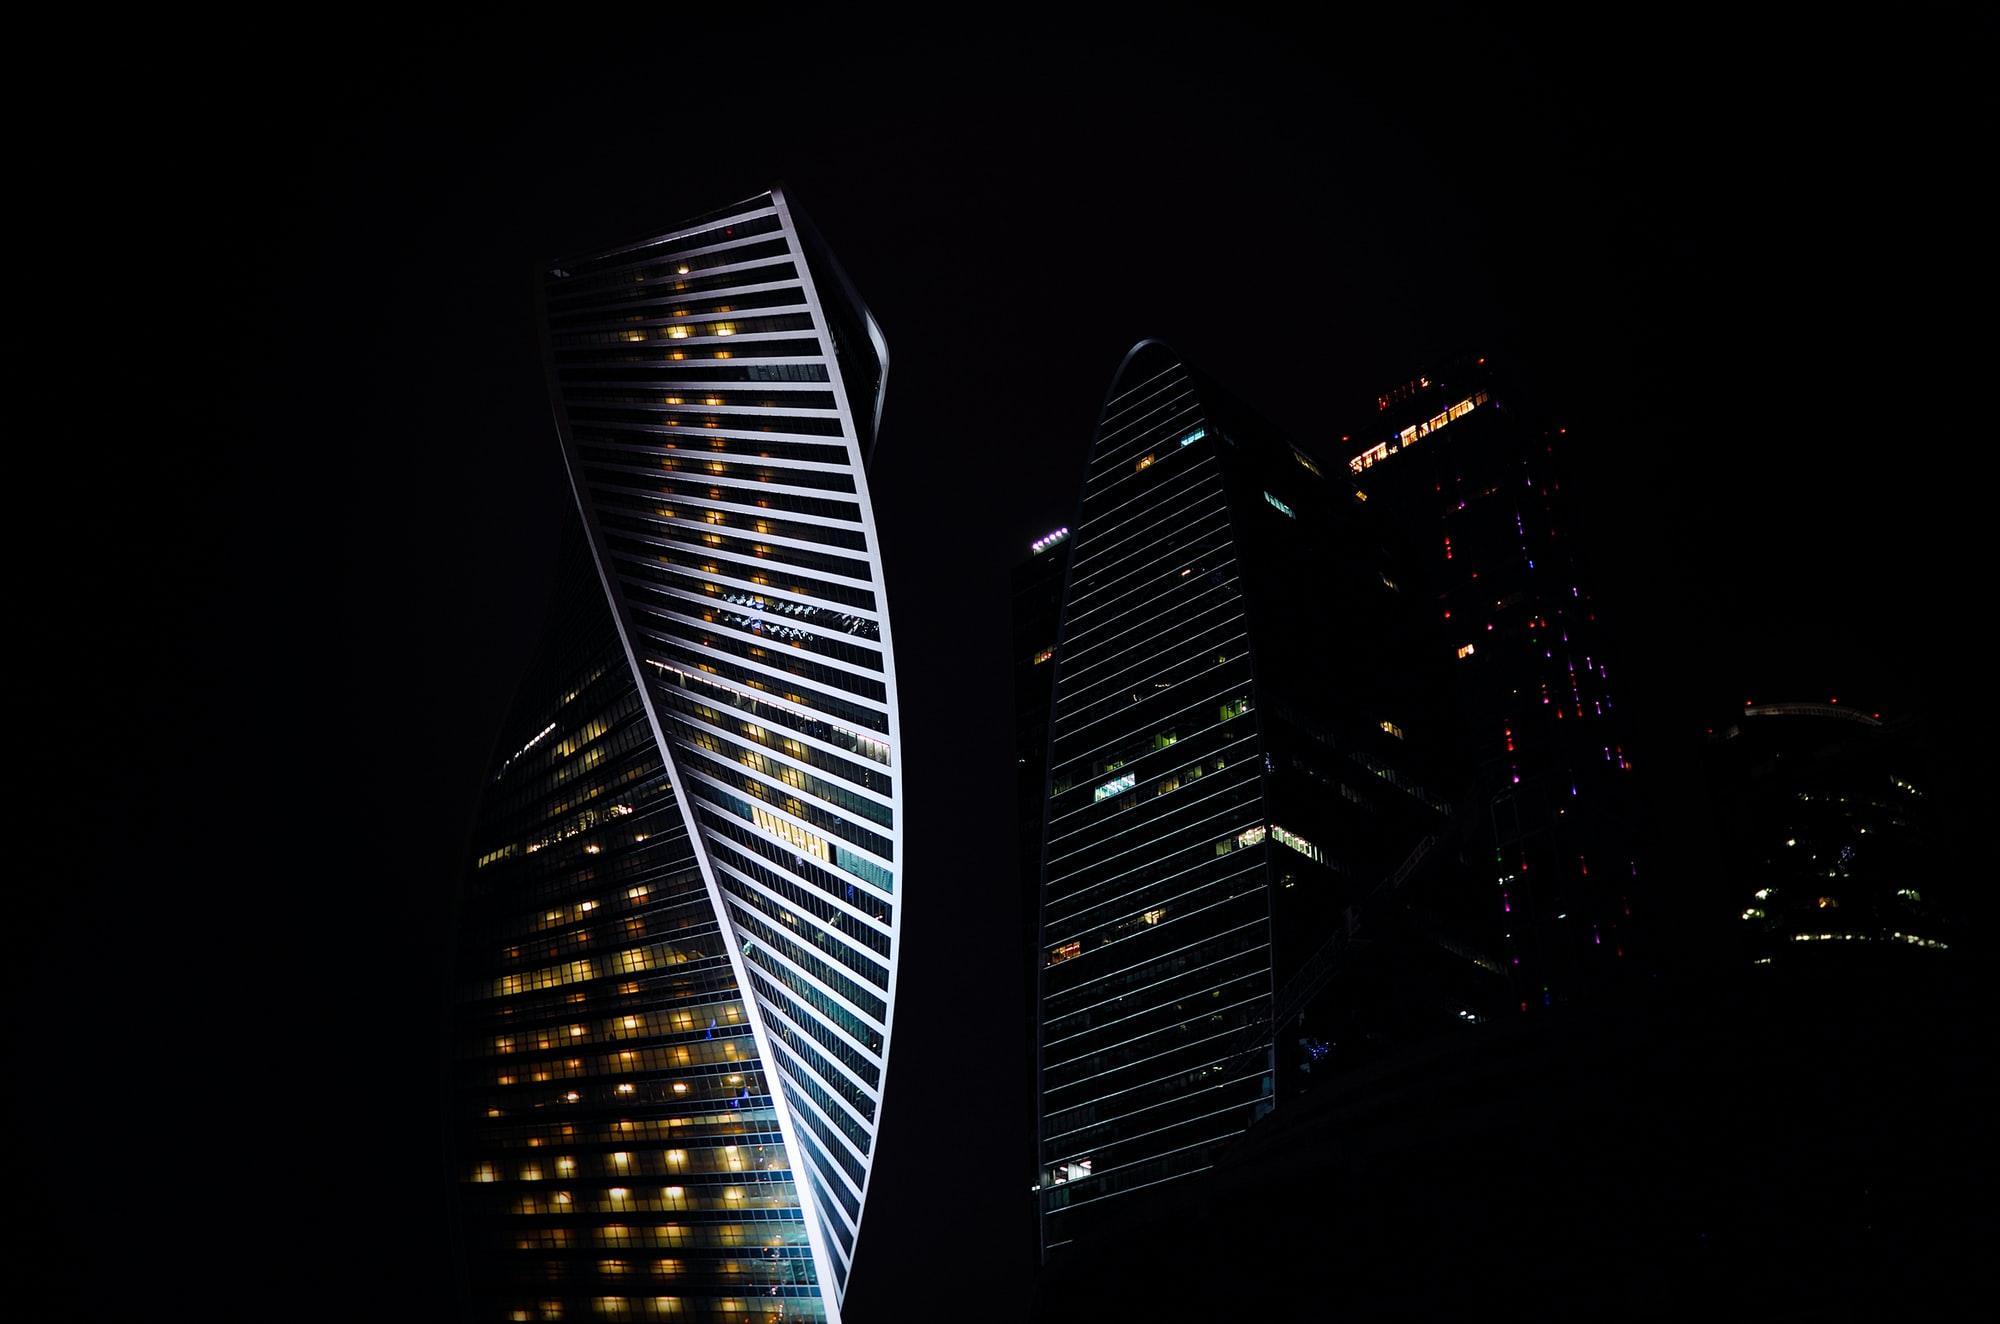 Twisting building facade